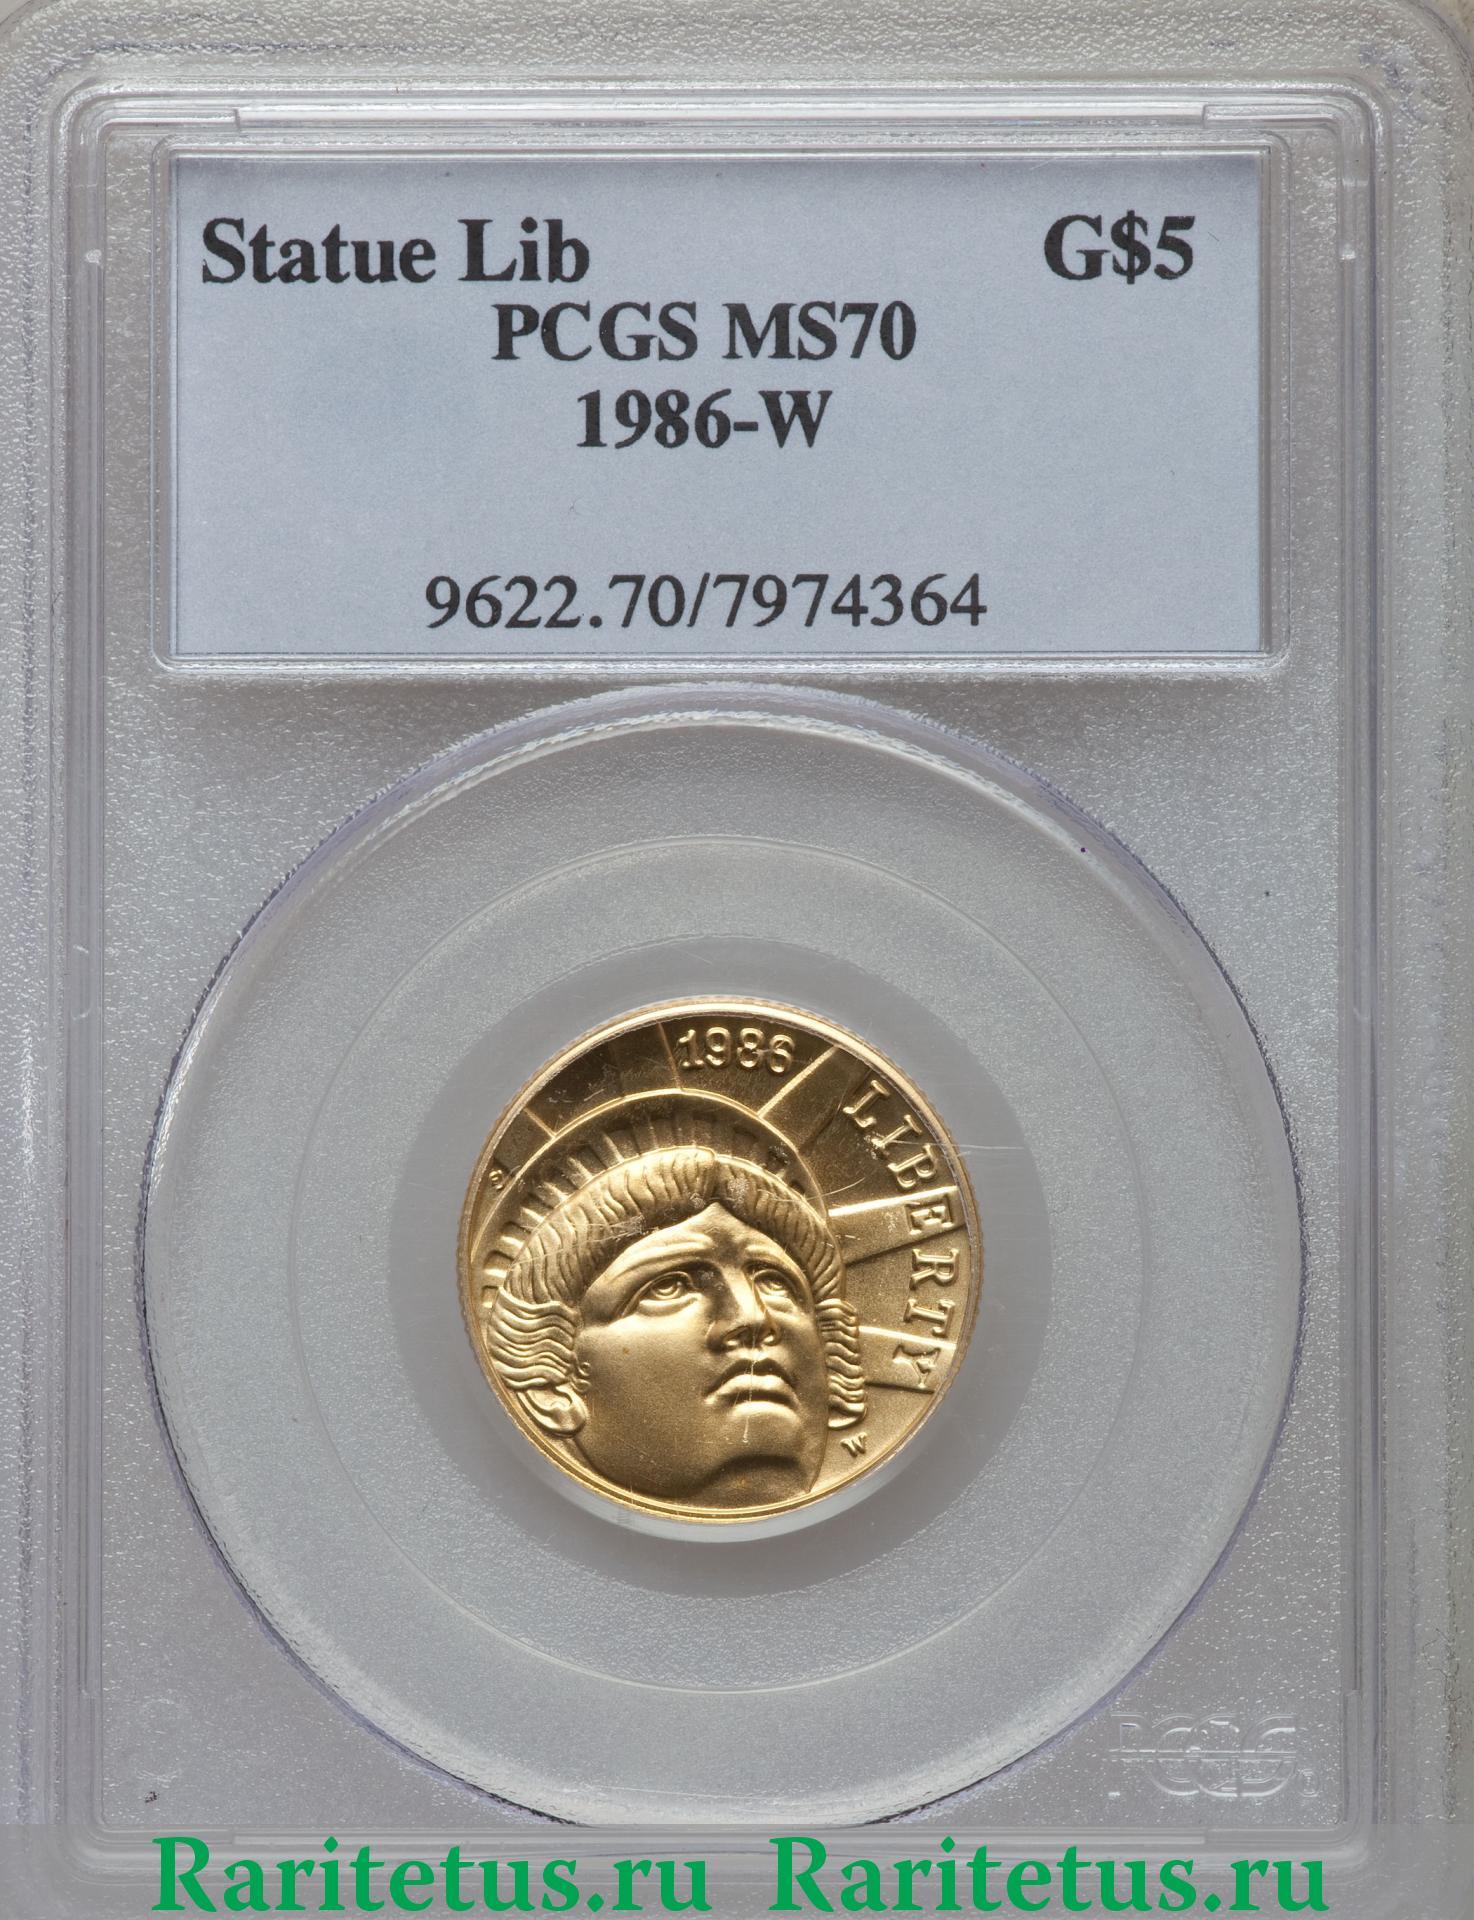 5 долларов 1986 статуя свободы проба монеты снг и балтии